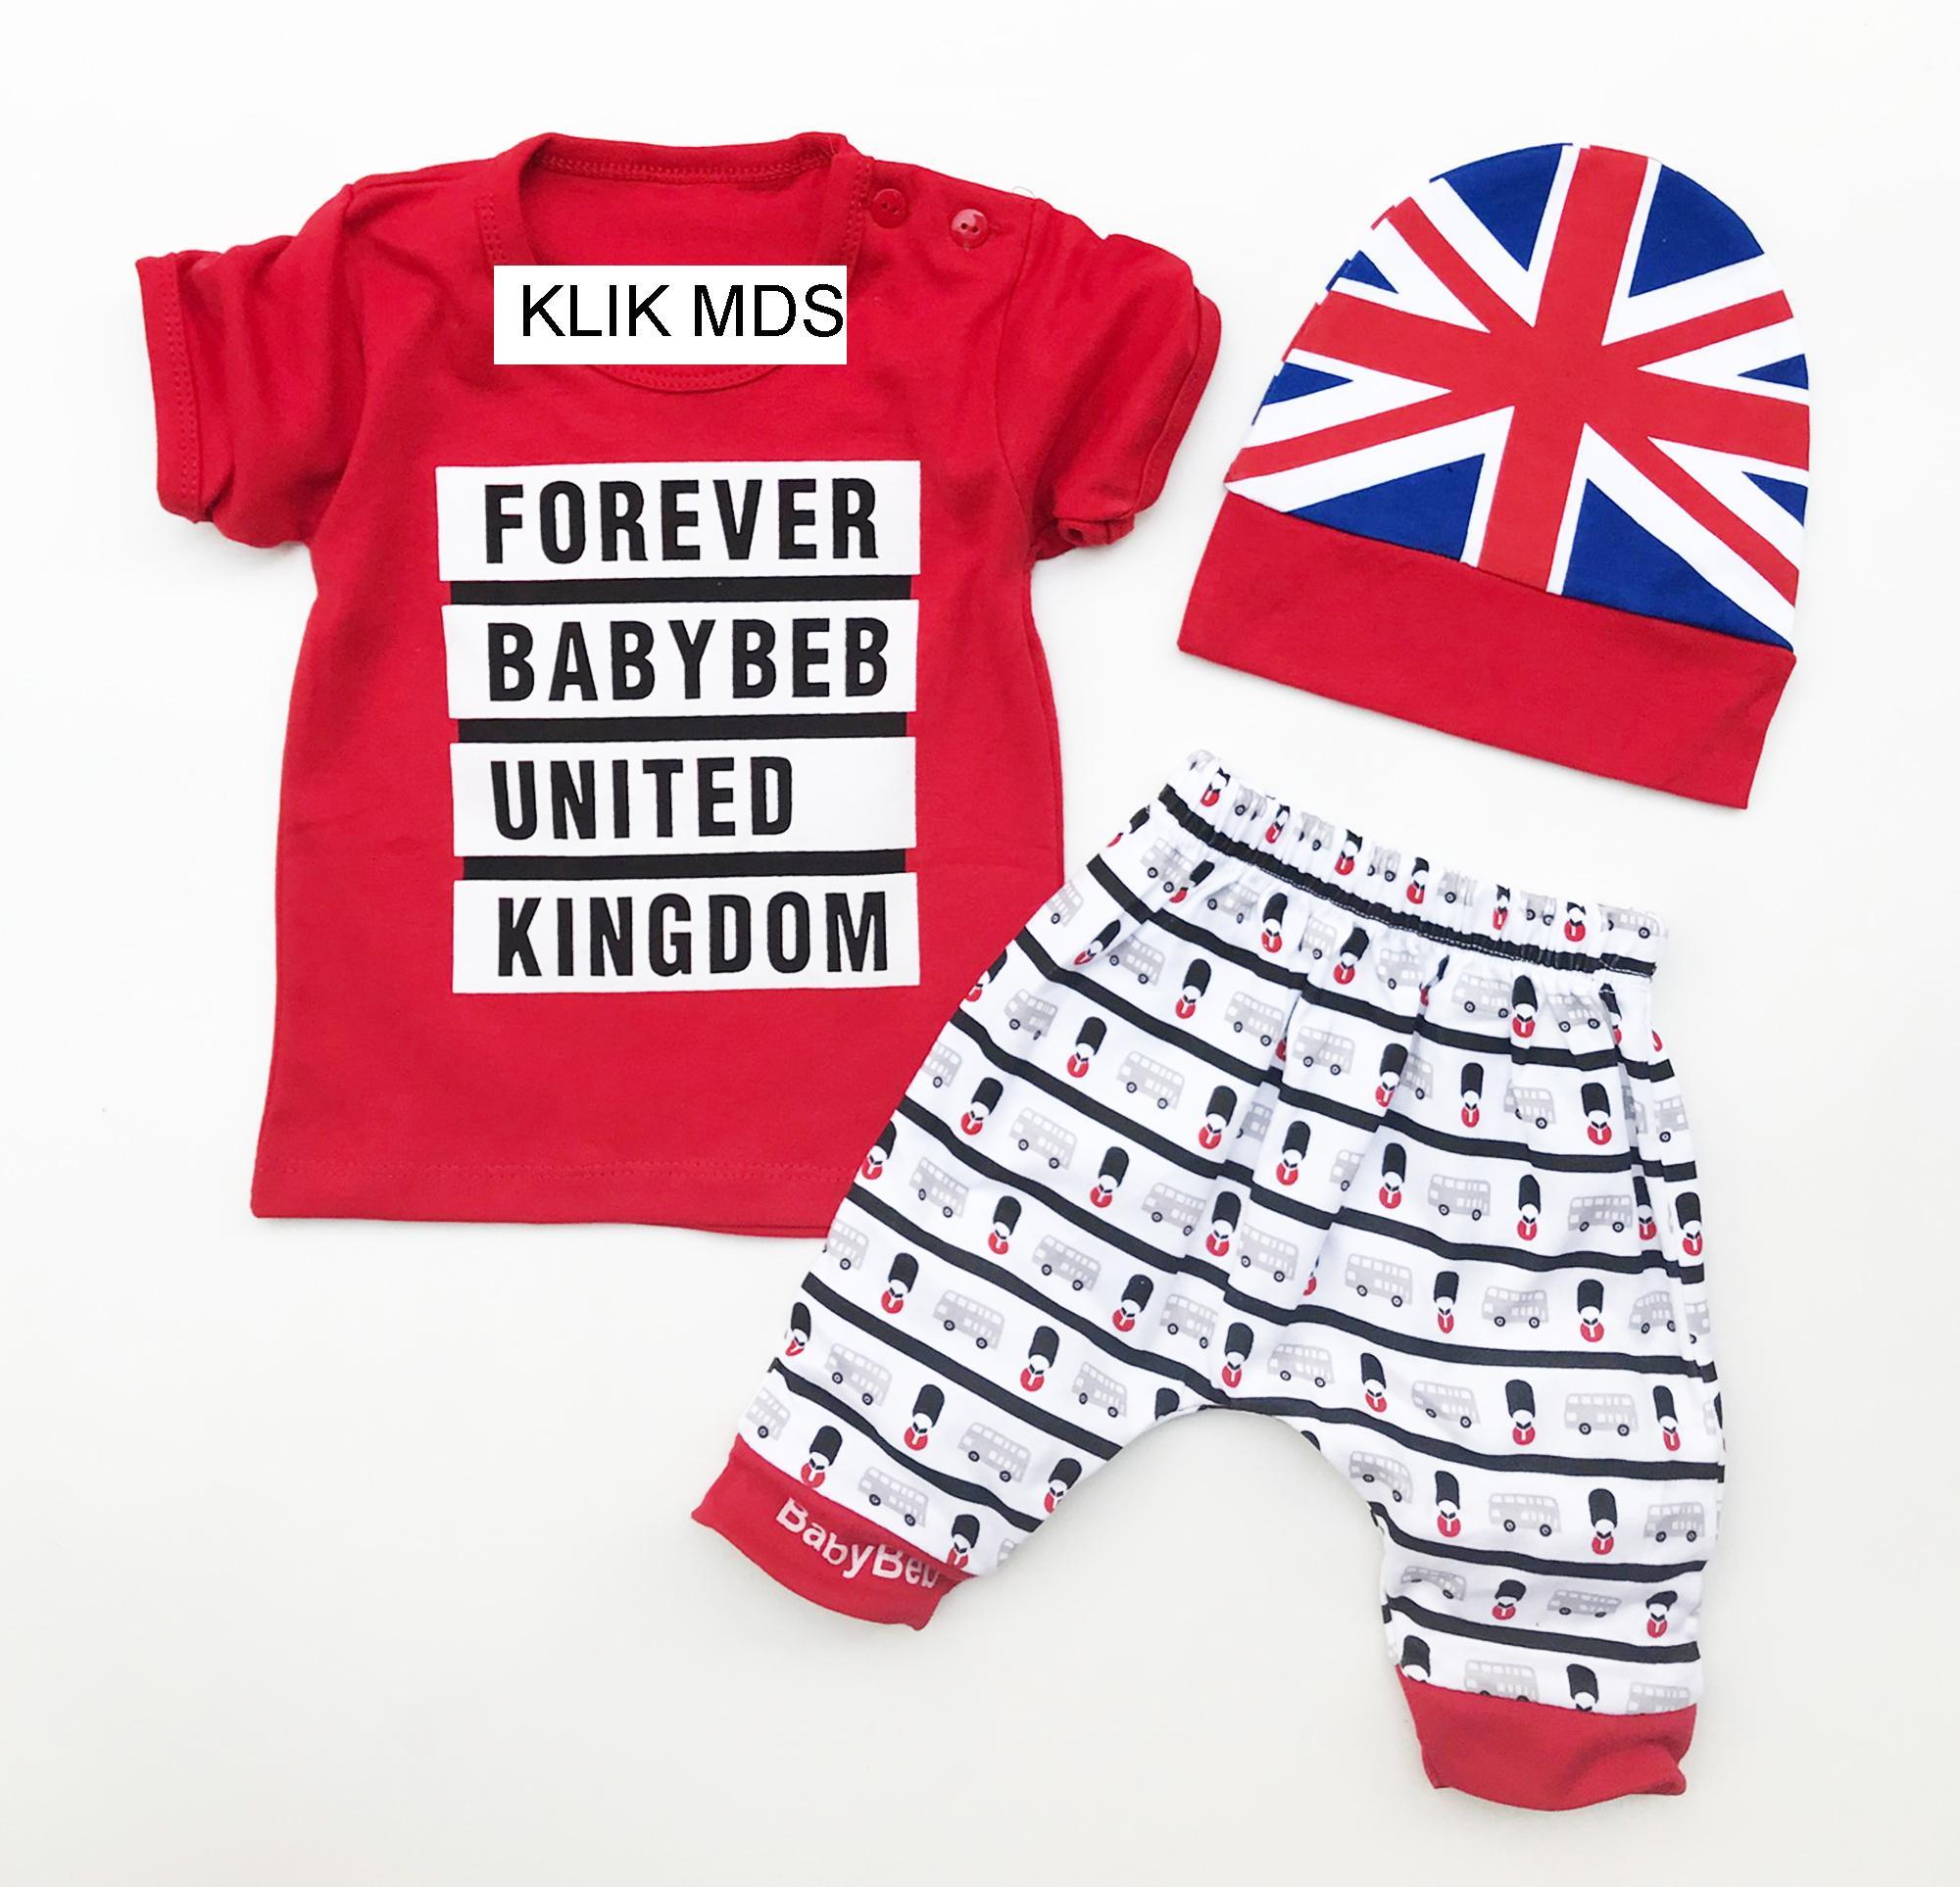 Fitur Klik Mds Baju Bayi Anak Setelan Atasan Dan Celana Motif Karakter Forever Babybeb United Kingdom